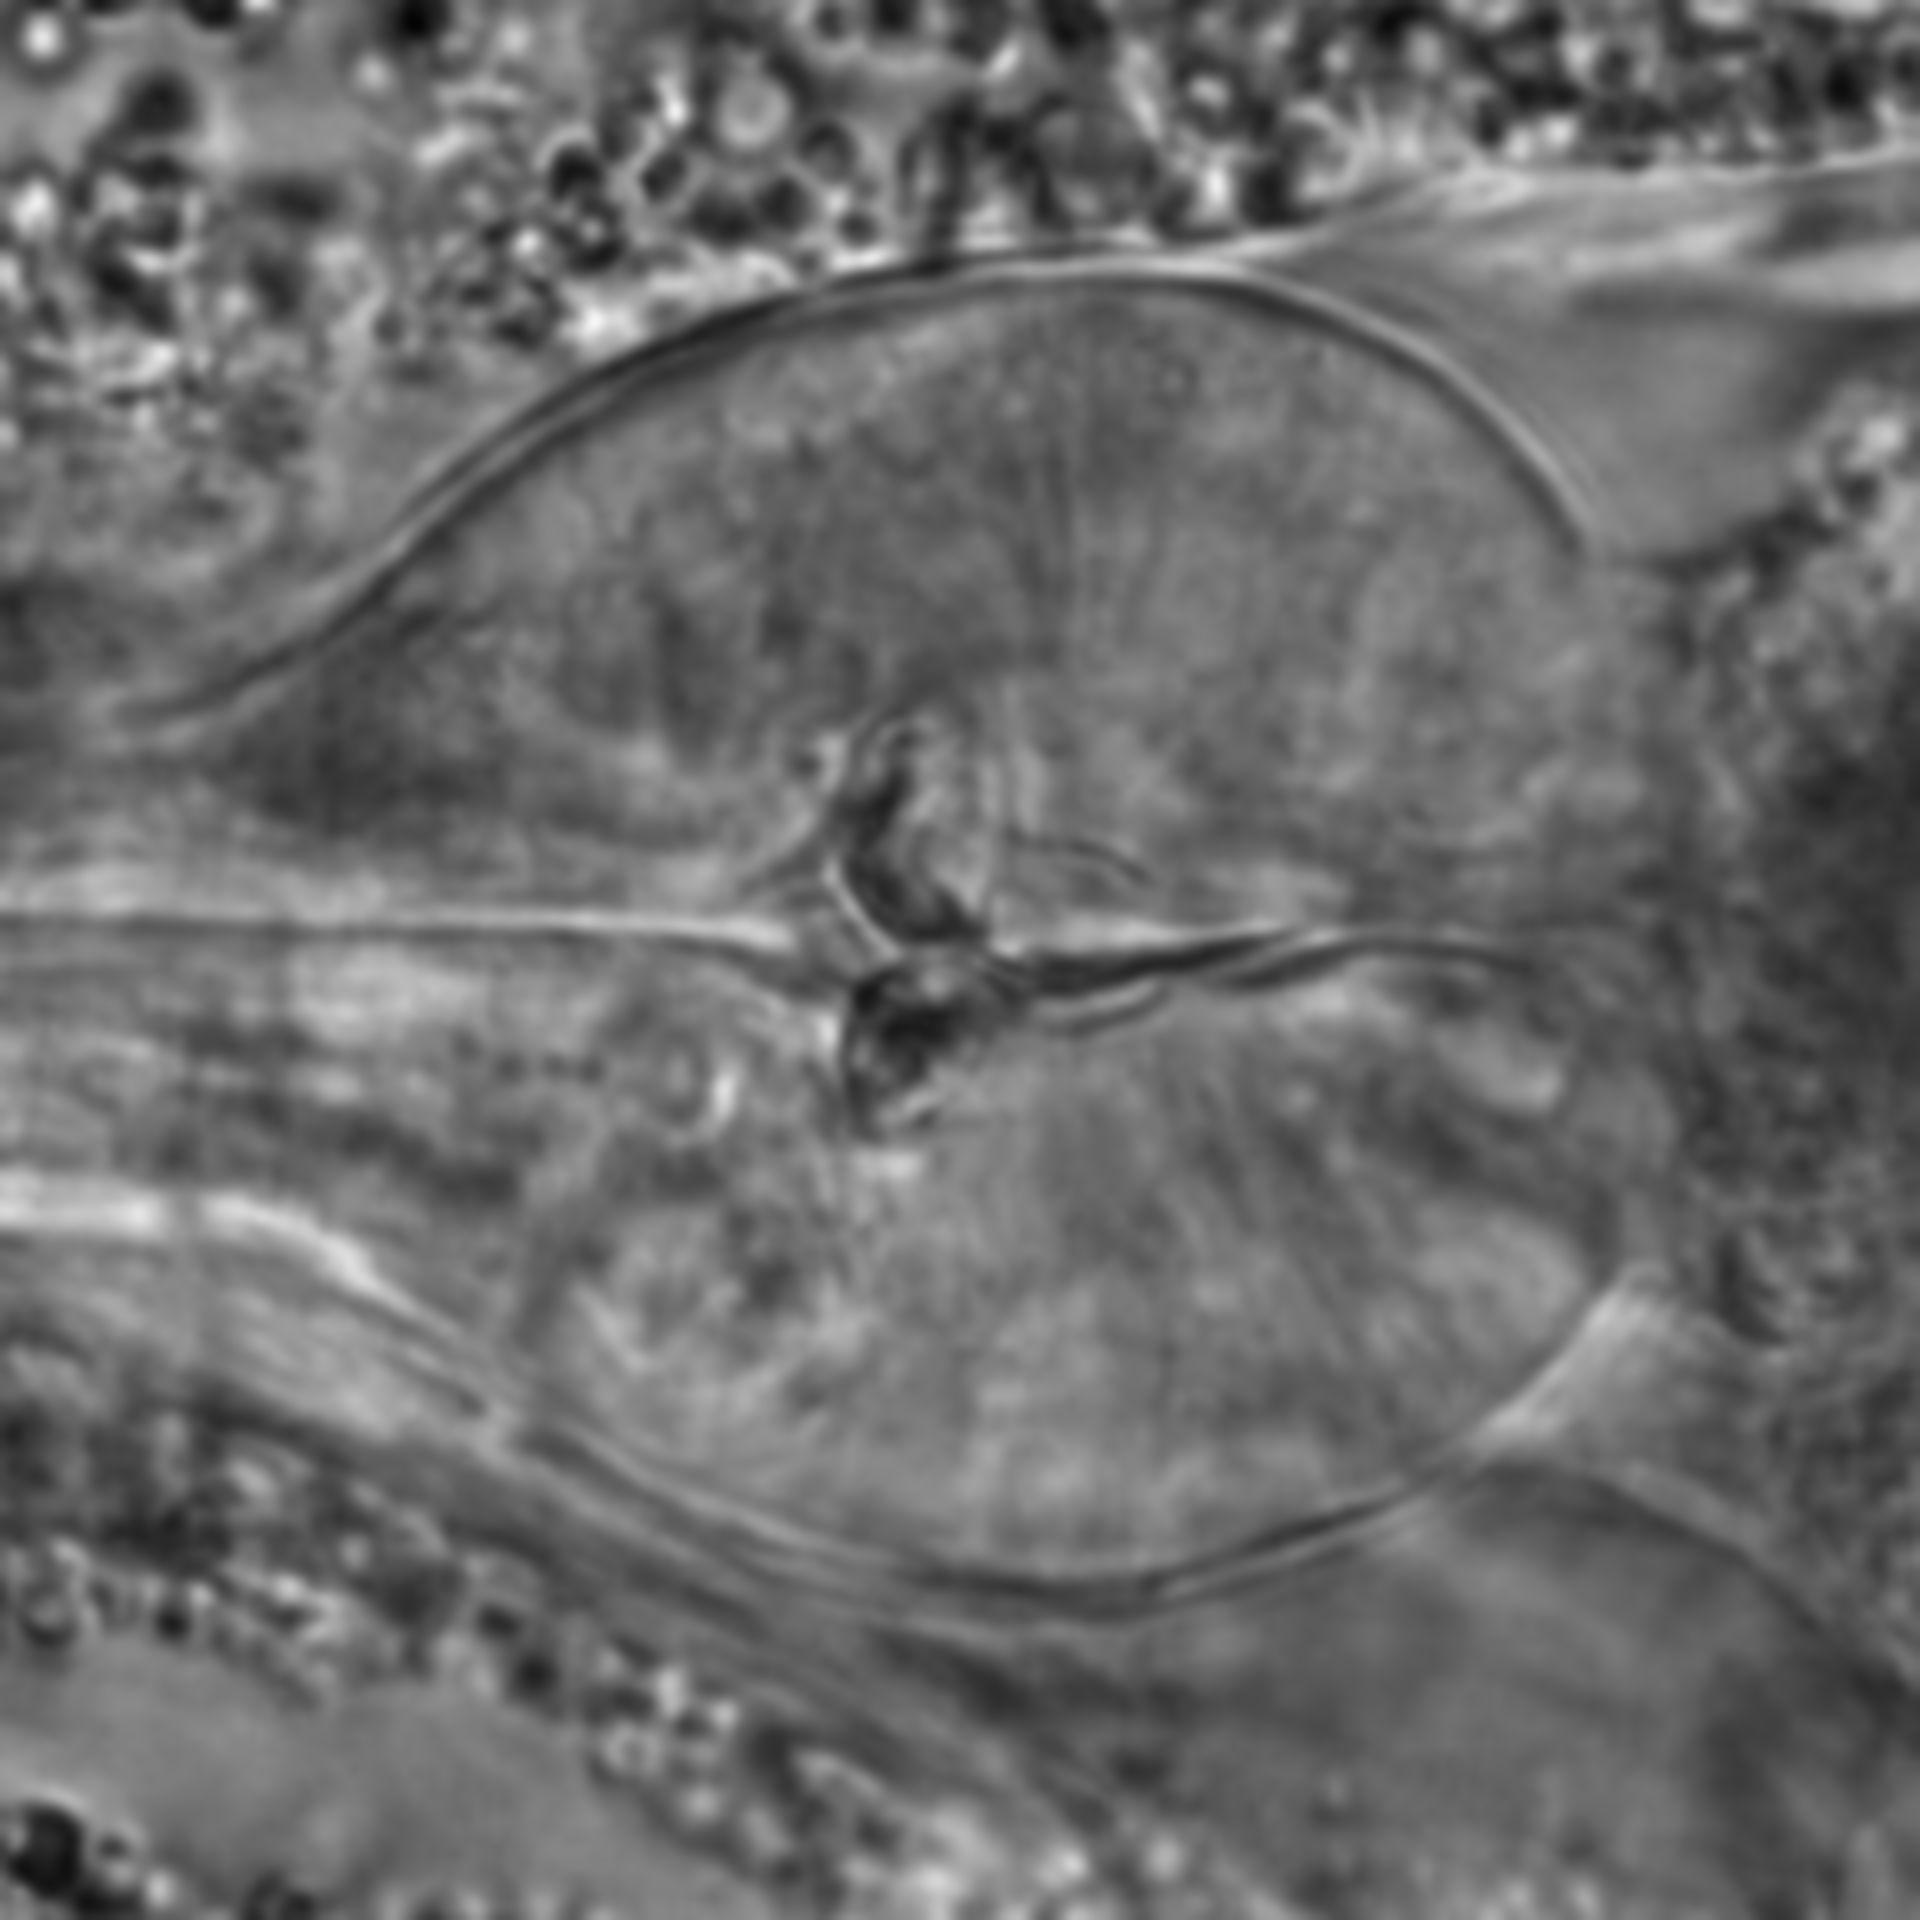 Caenorhabditis elegans - CIL:1737